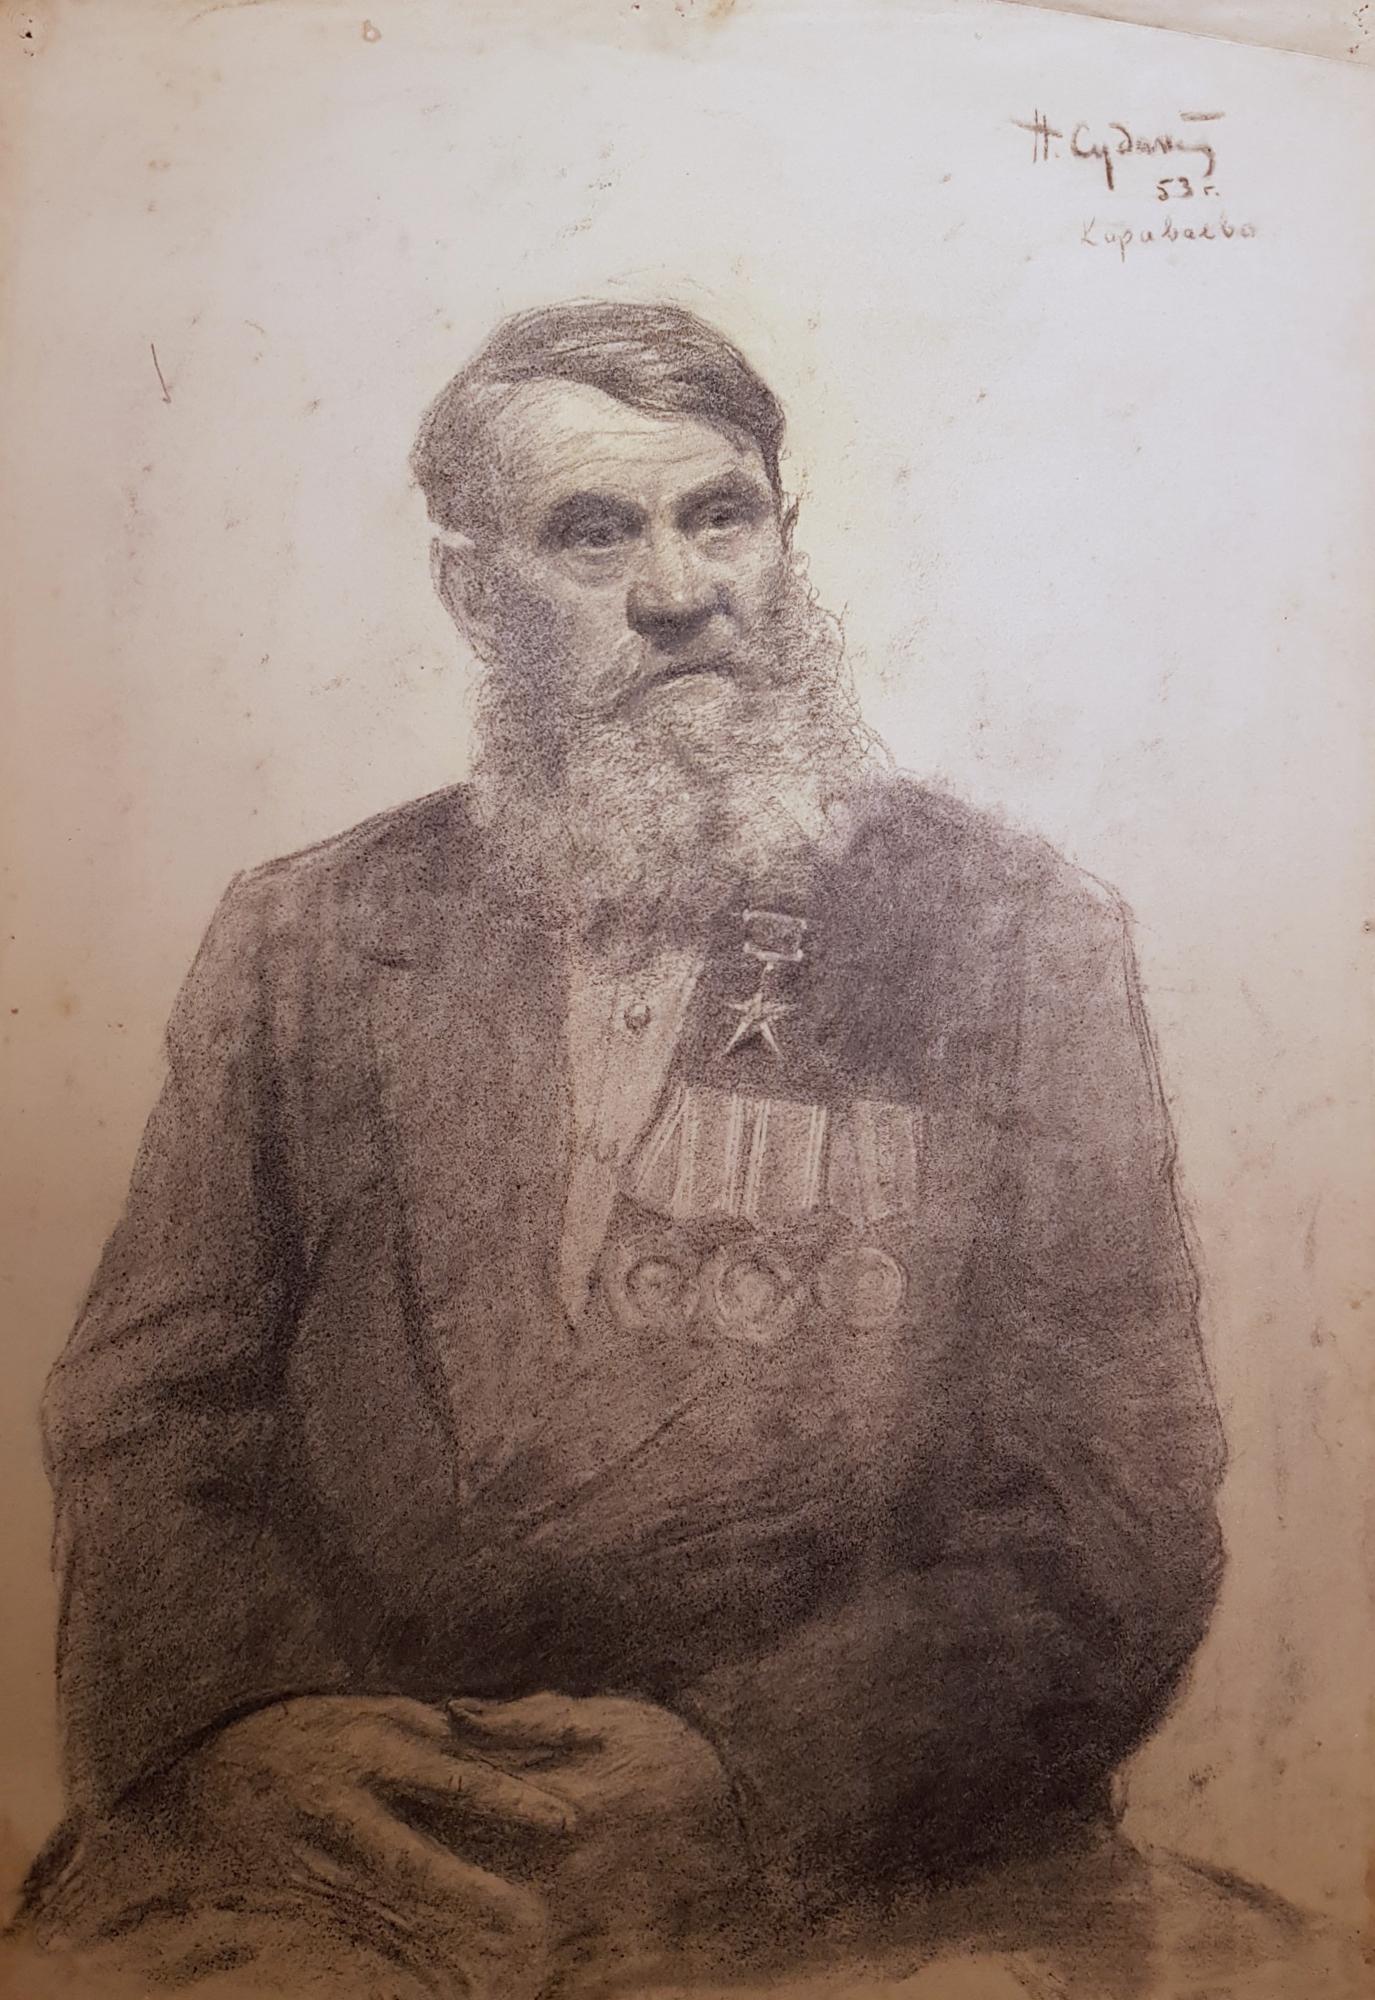 Судаков Павел Федорович. Пастух из совхоза